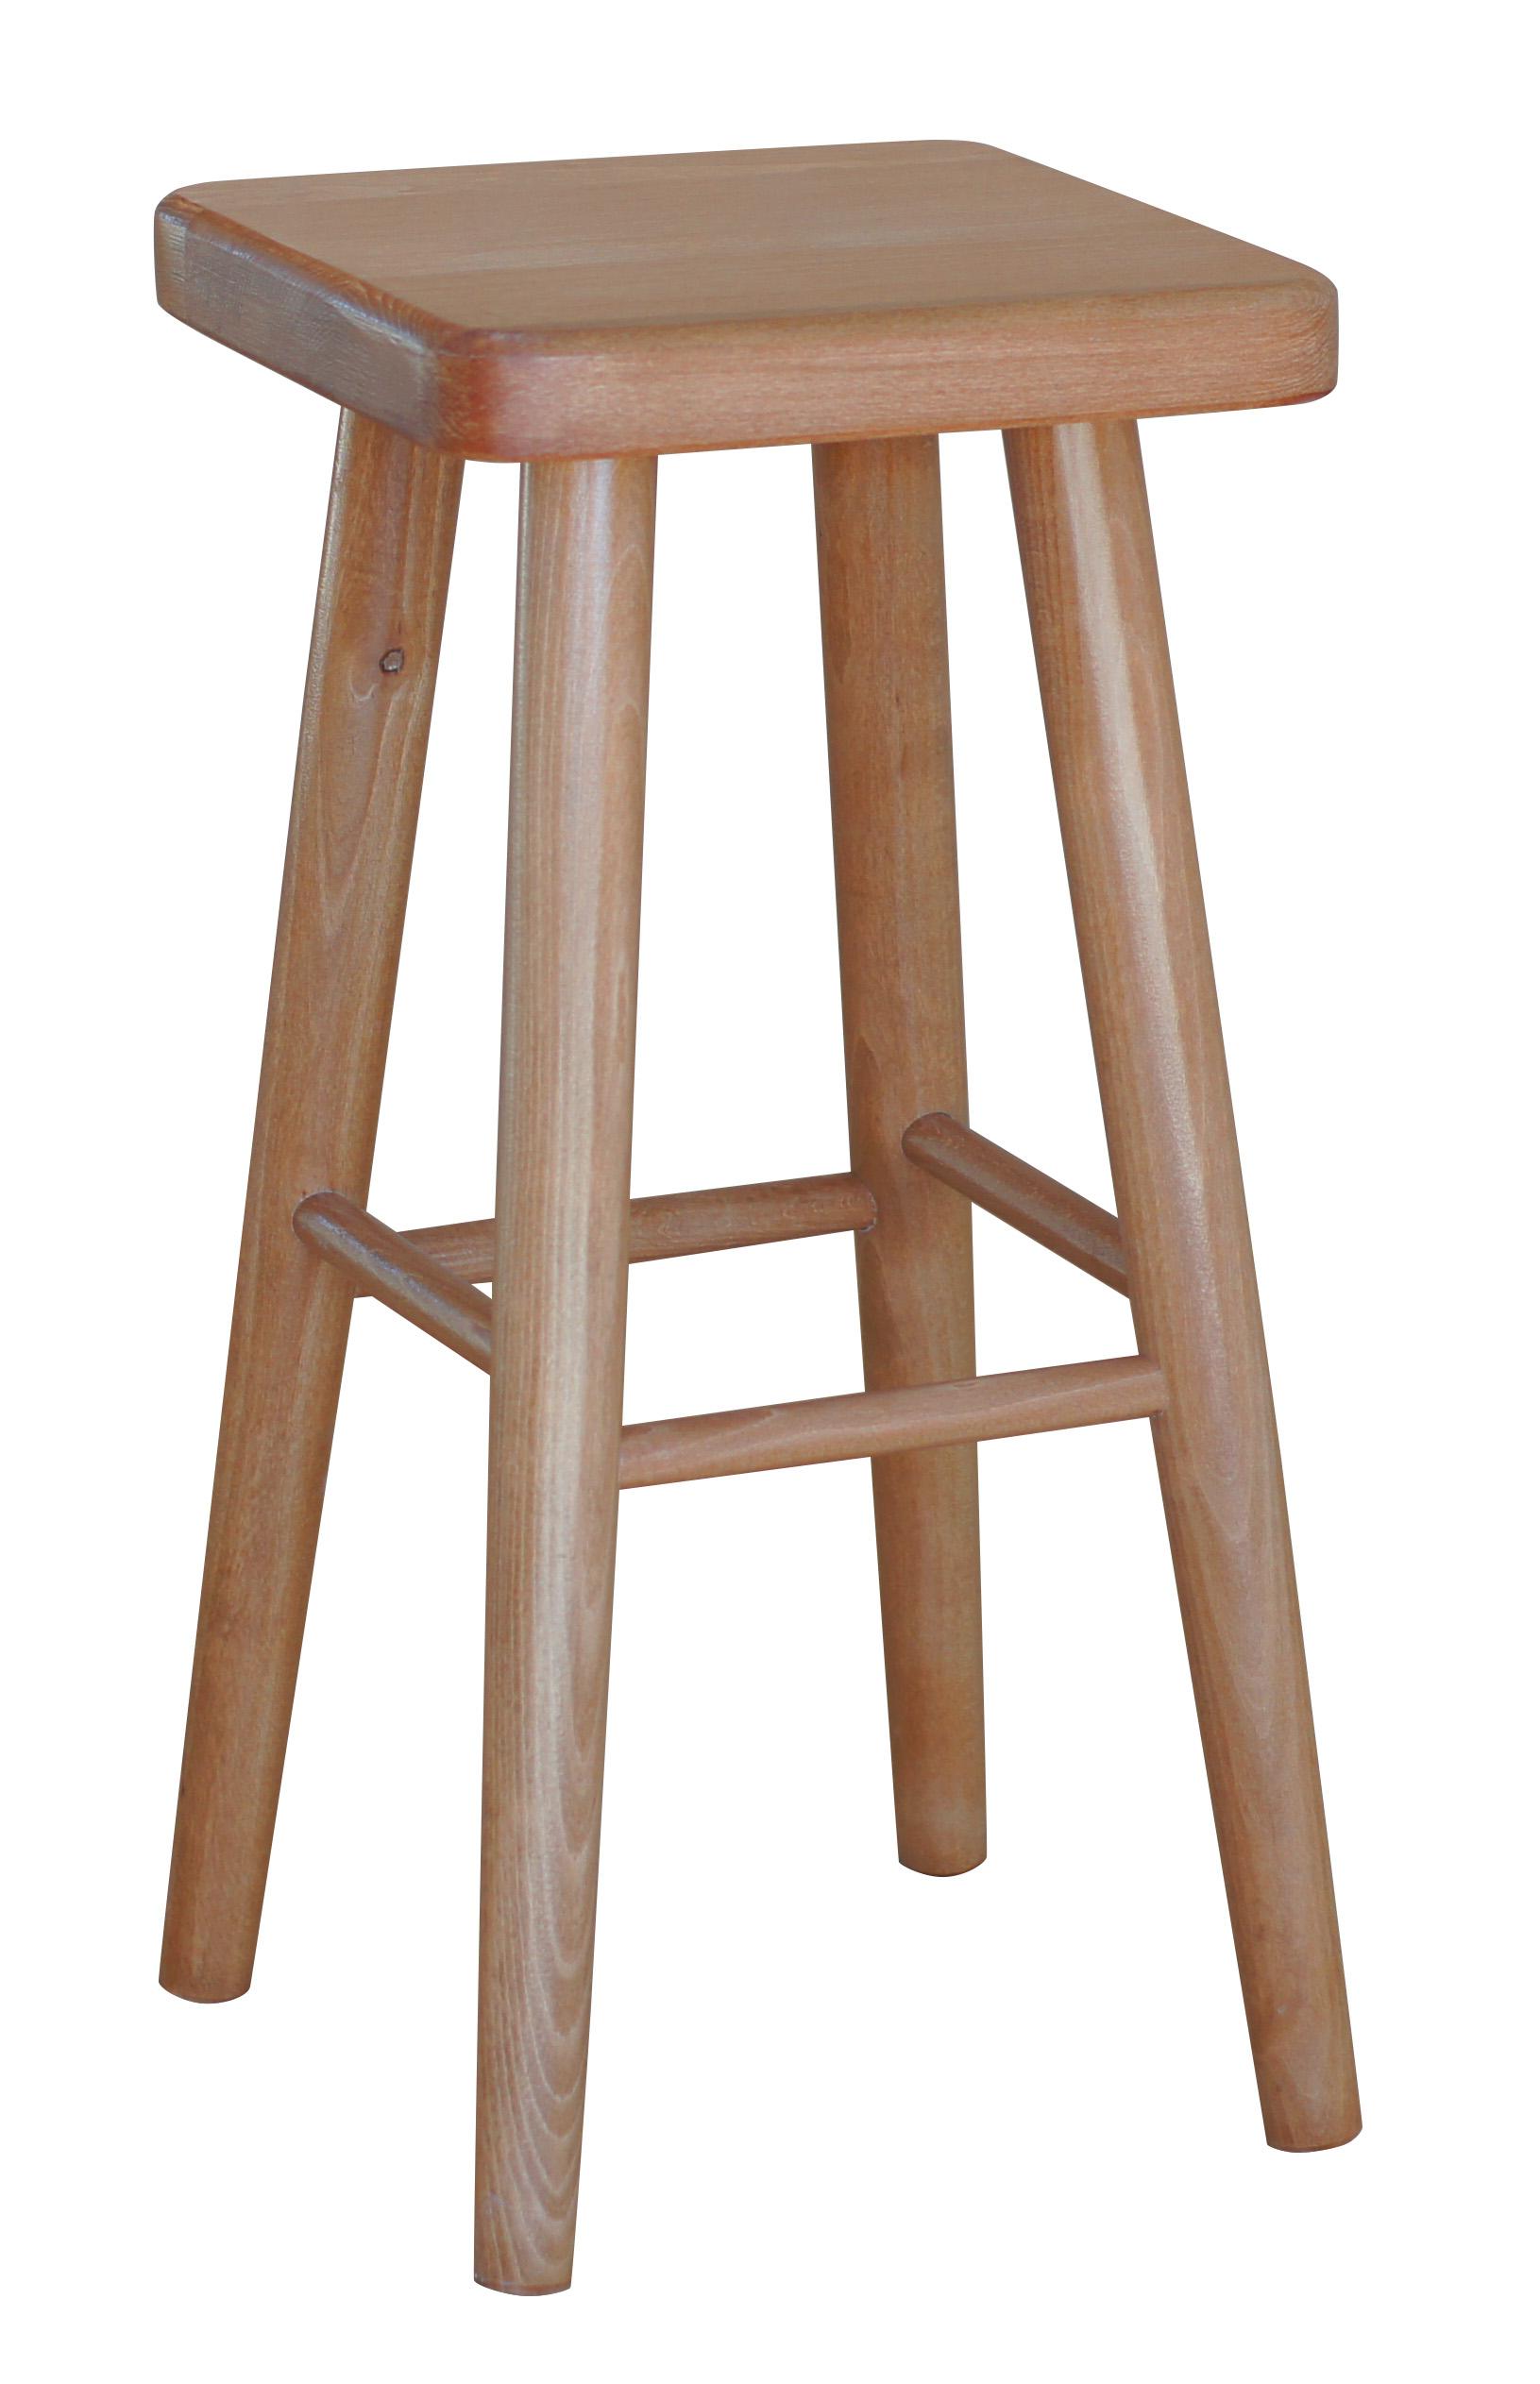 barstuhl buchenholz hocker neu 61cm hoch ebay. Black Bedroom Furniture Sets. Home Design Ideas